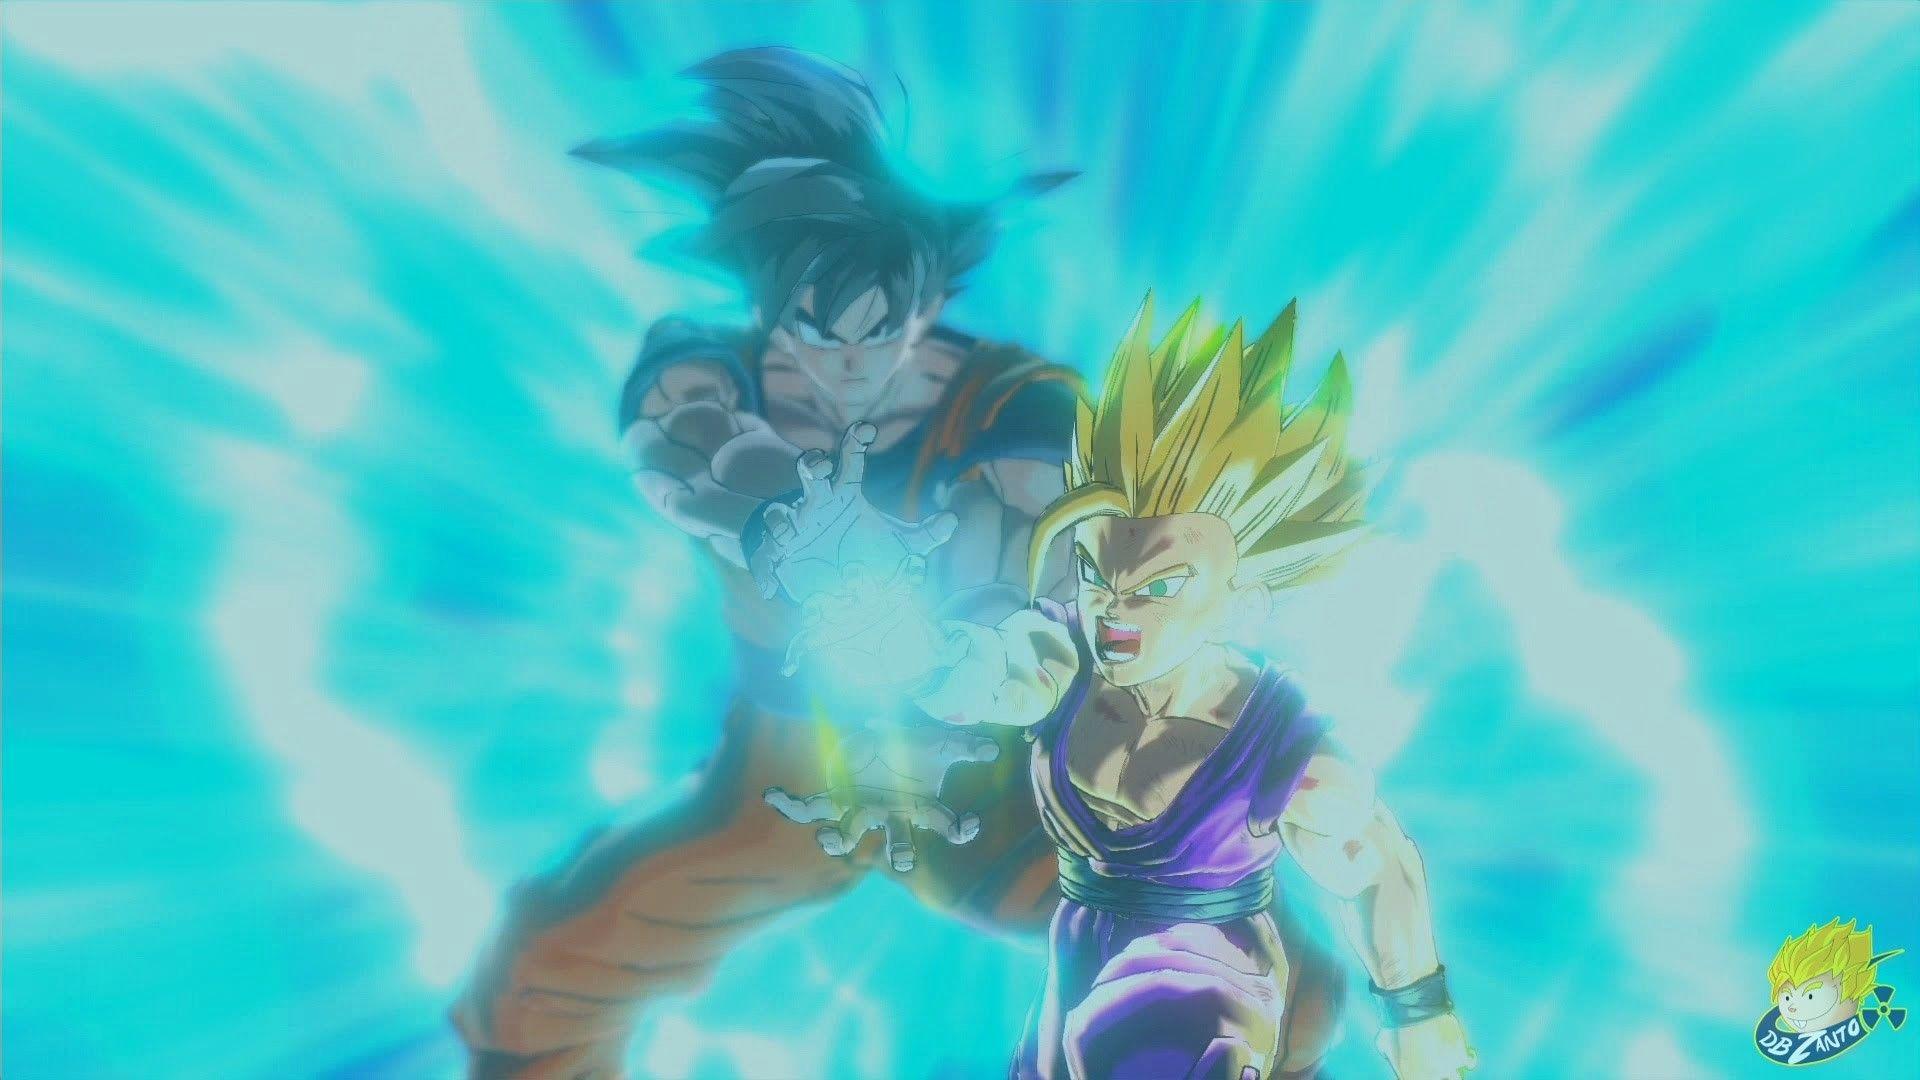 Dragon Ball Z Raging Blast 2 Gohan Goku Kamehameha Google Search Cell Saga Goku And Gohan Dragon Ball